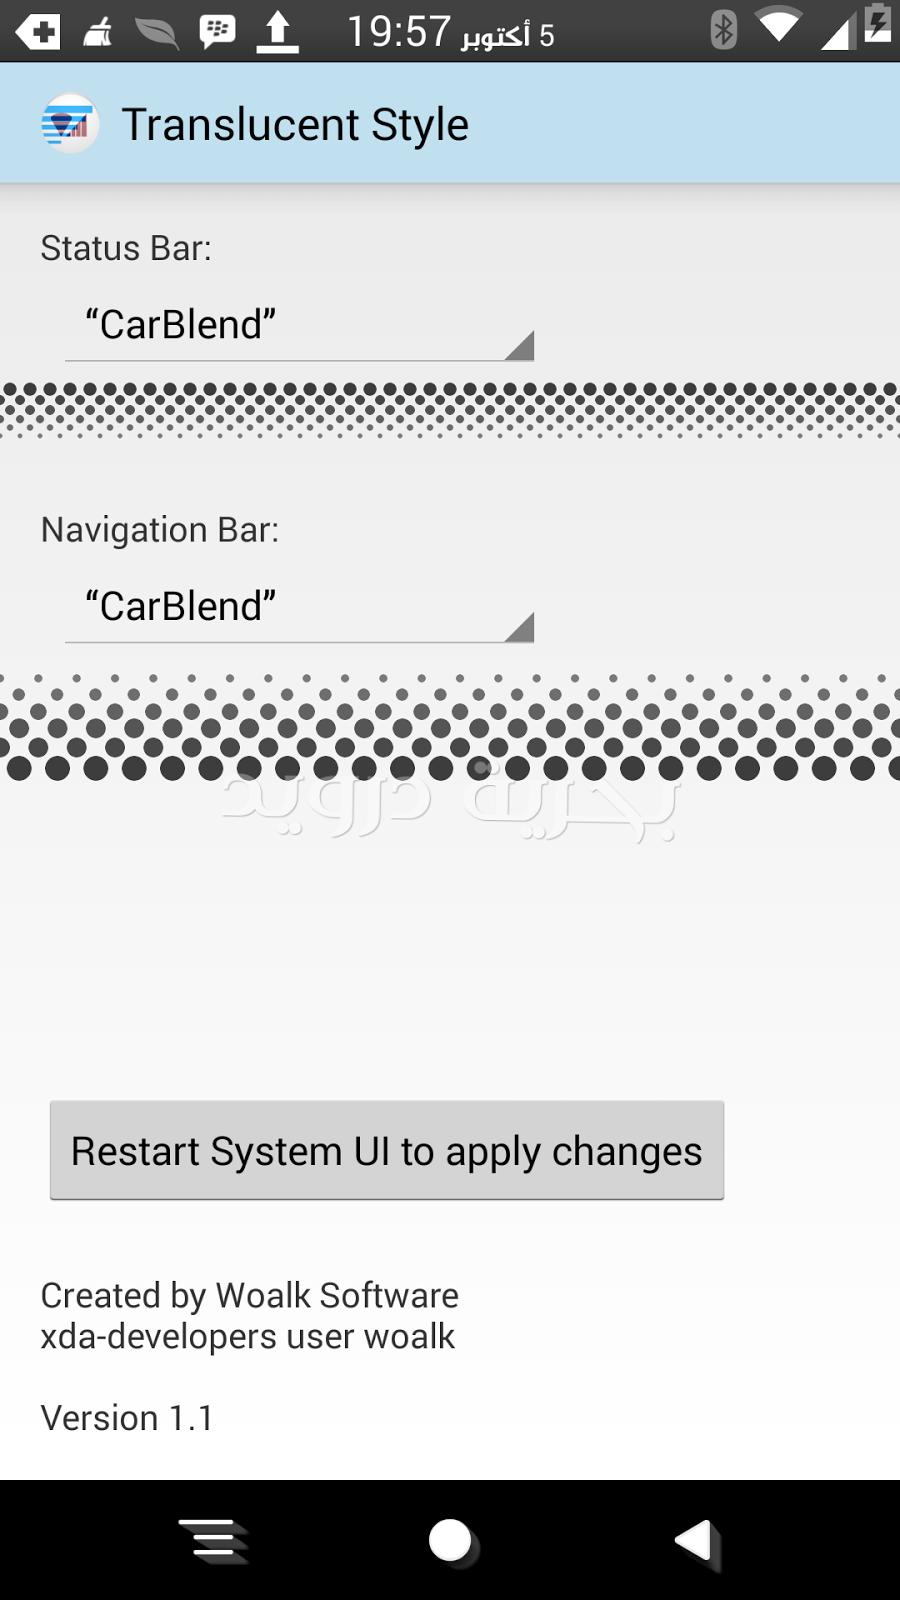 حول نظامك الاندرويد ليتناسب مع احتياجاتك للشكل الذي تريد باستخدام تطبيق Xposed (الجزء السادس) | بحرية درويد